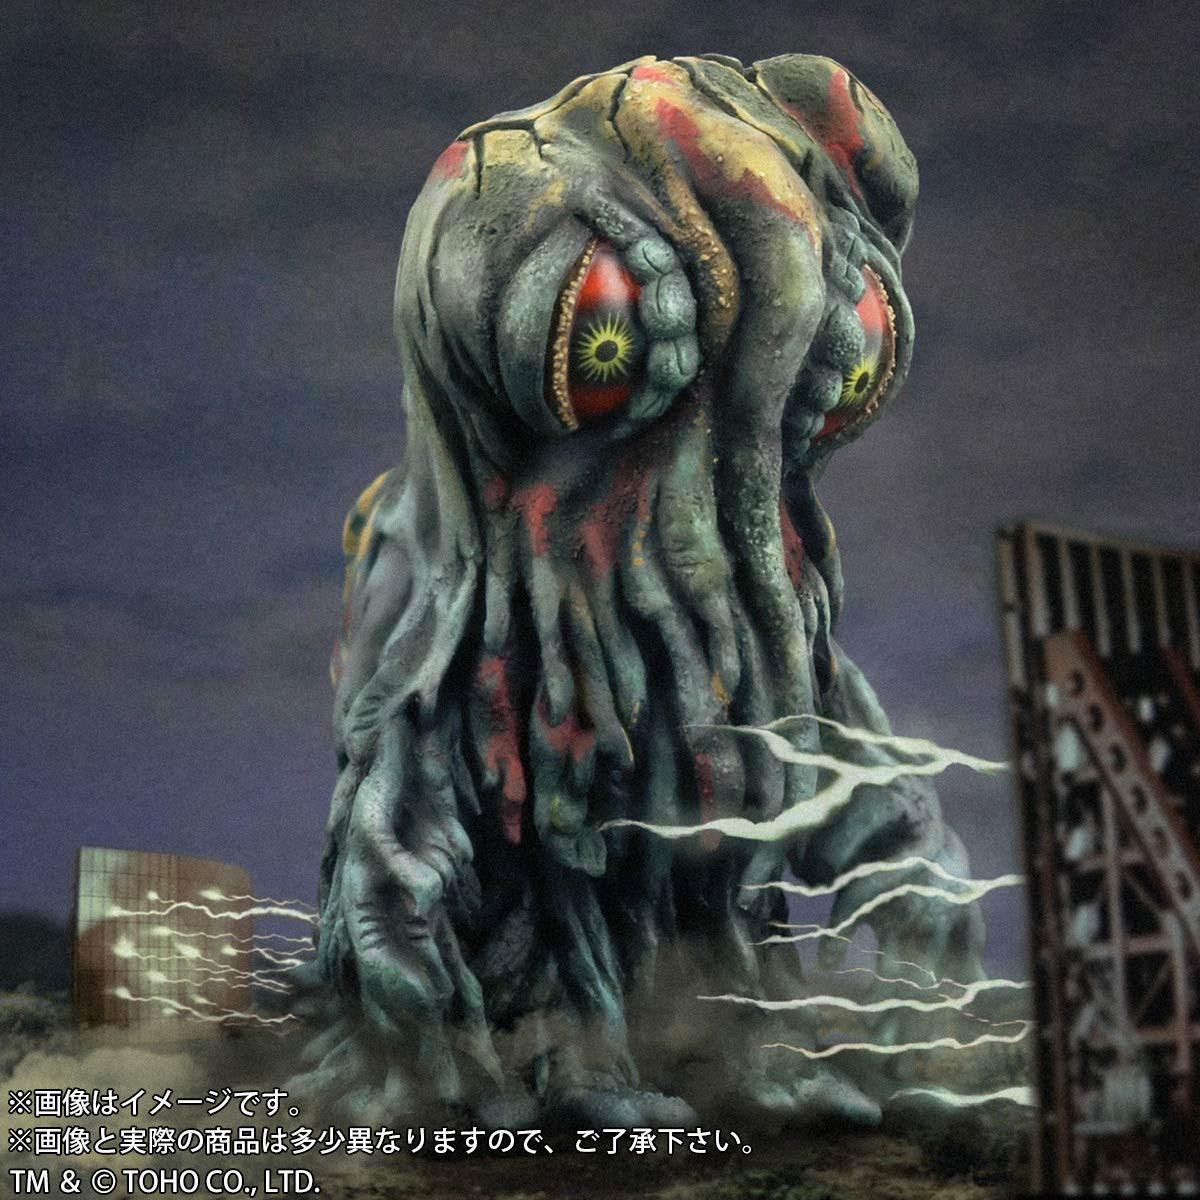 Movie Shopper's Guide - Hedorah Figure :「ゴジラ」シリーズの公害怪獣 ヘドラのフィギュアが、今春4月30日に発売 ! !